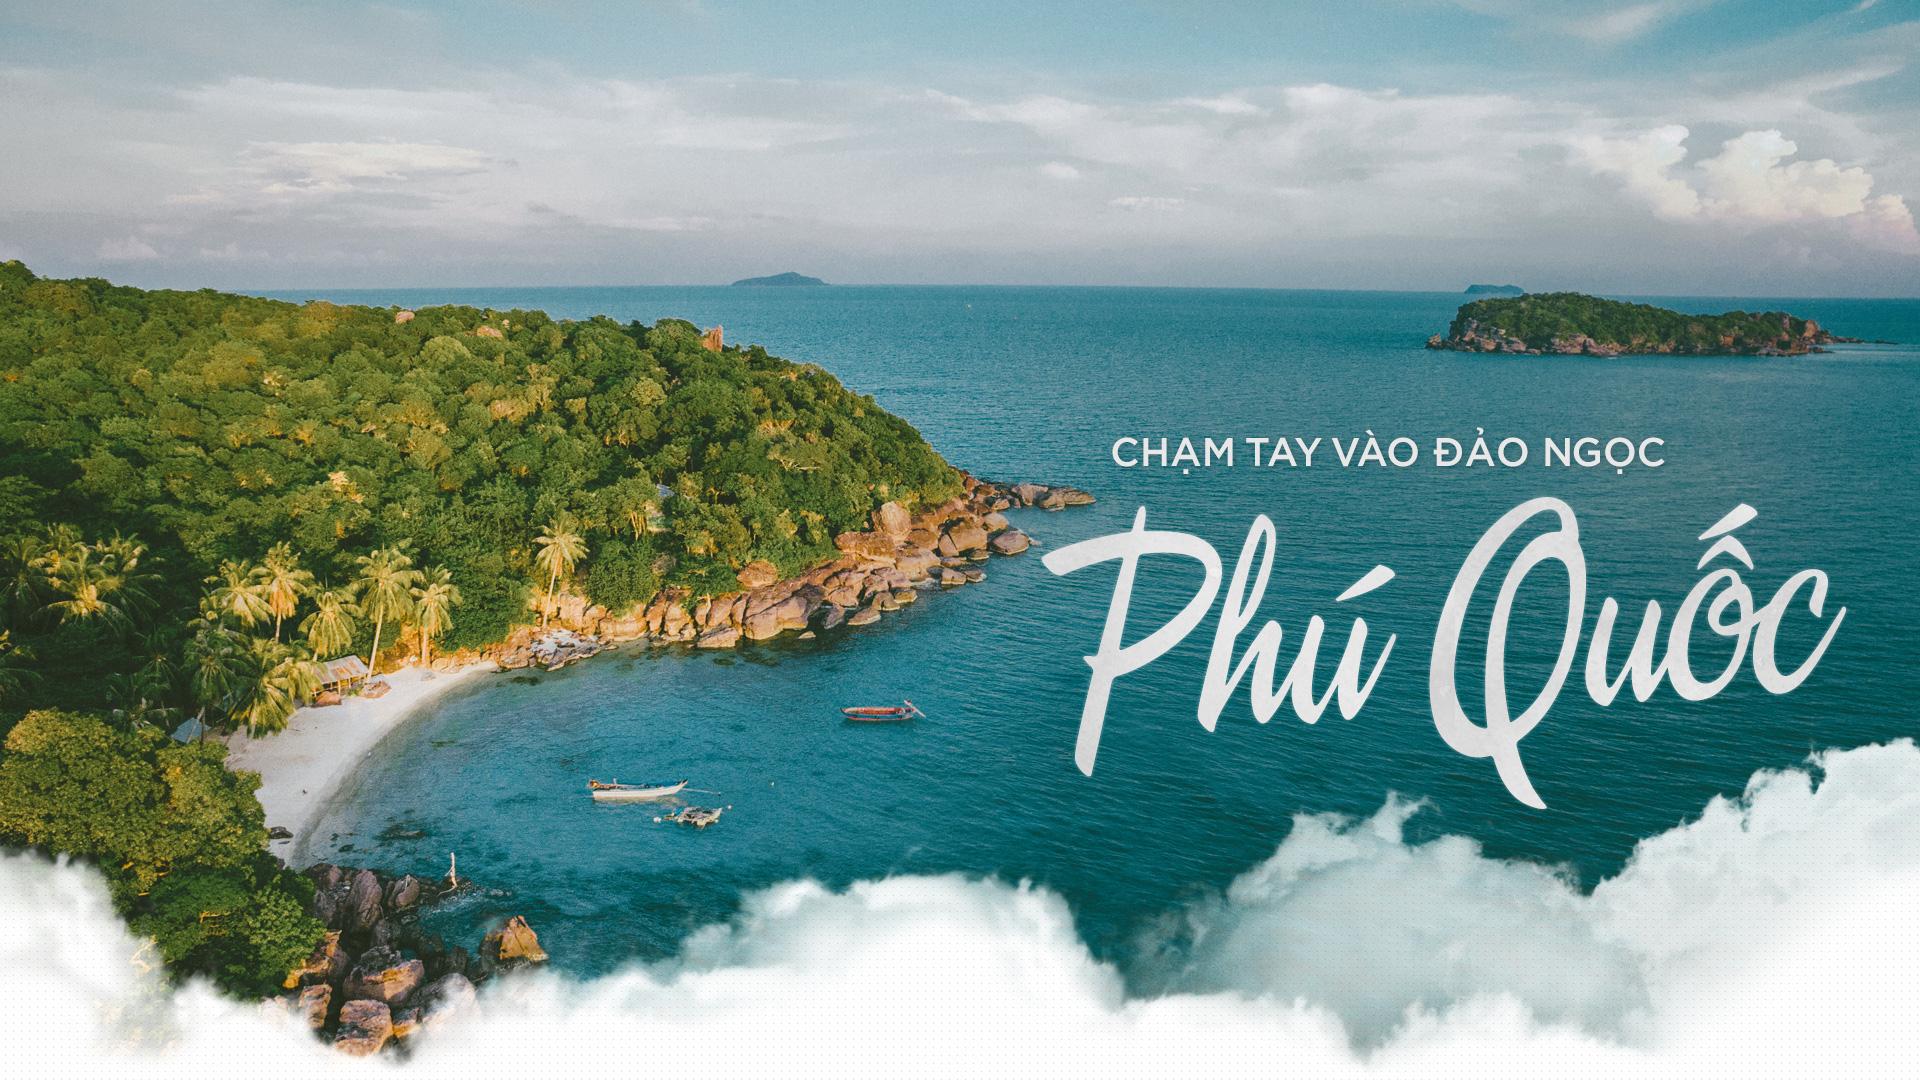 Hiểu về du lịch Phú Quốc